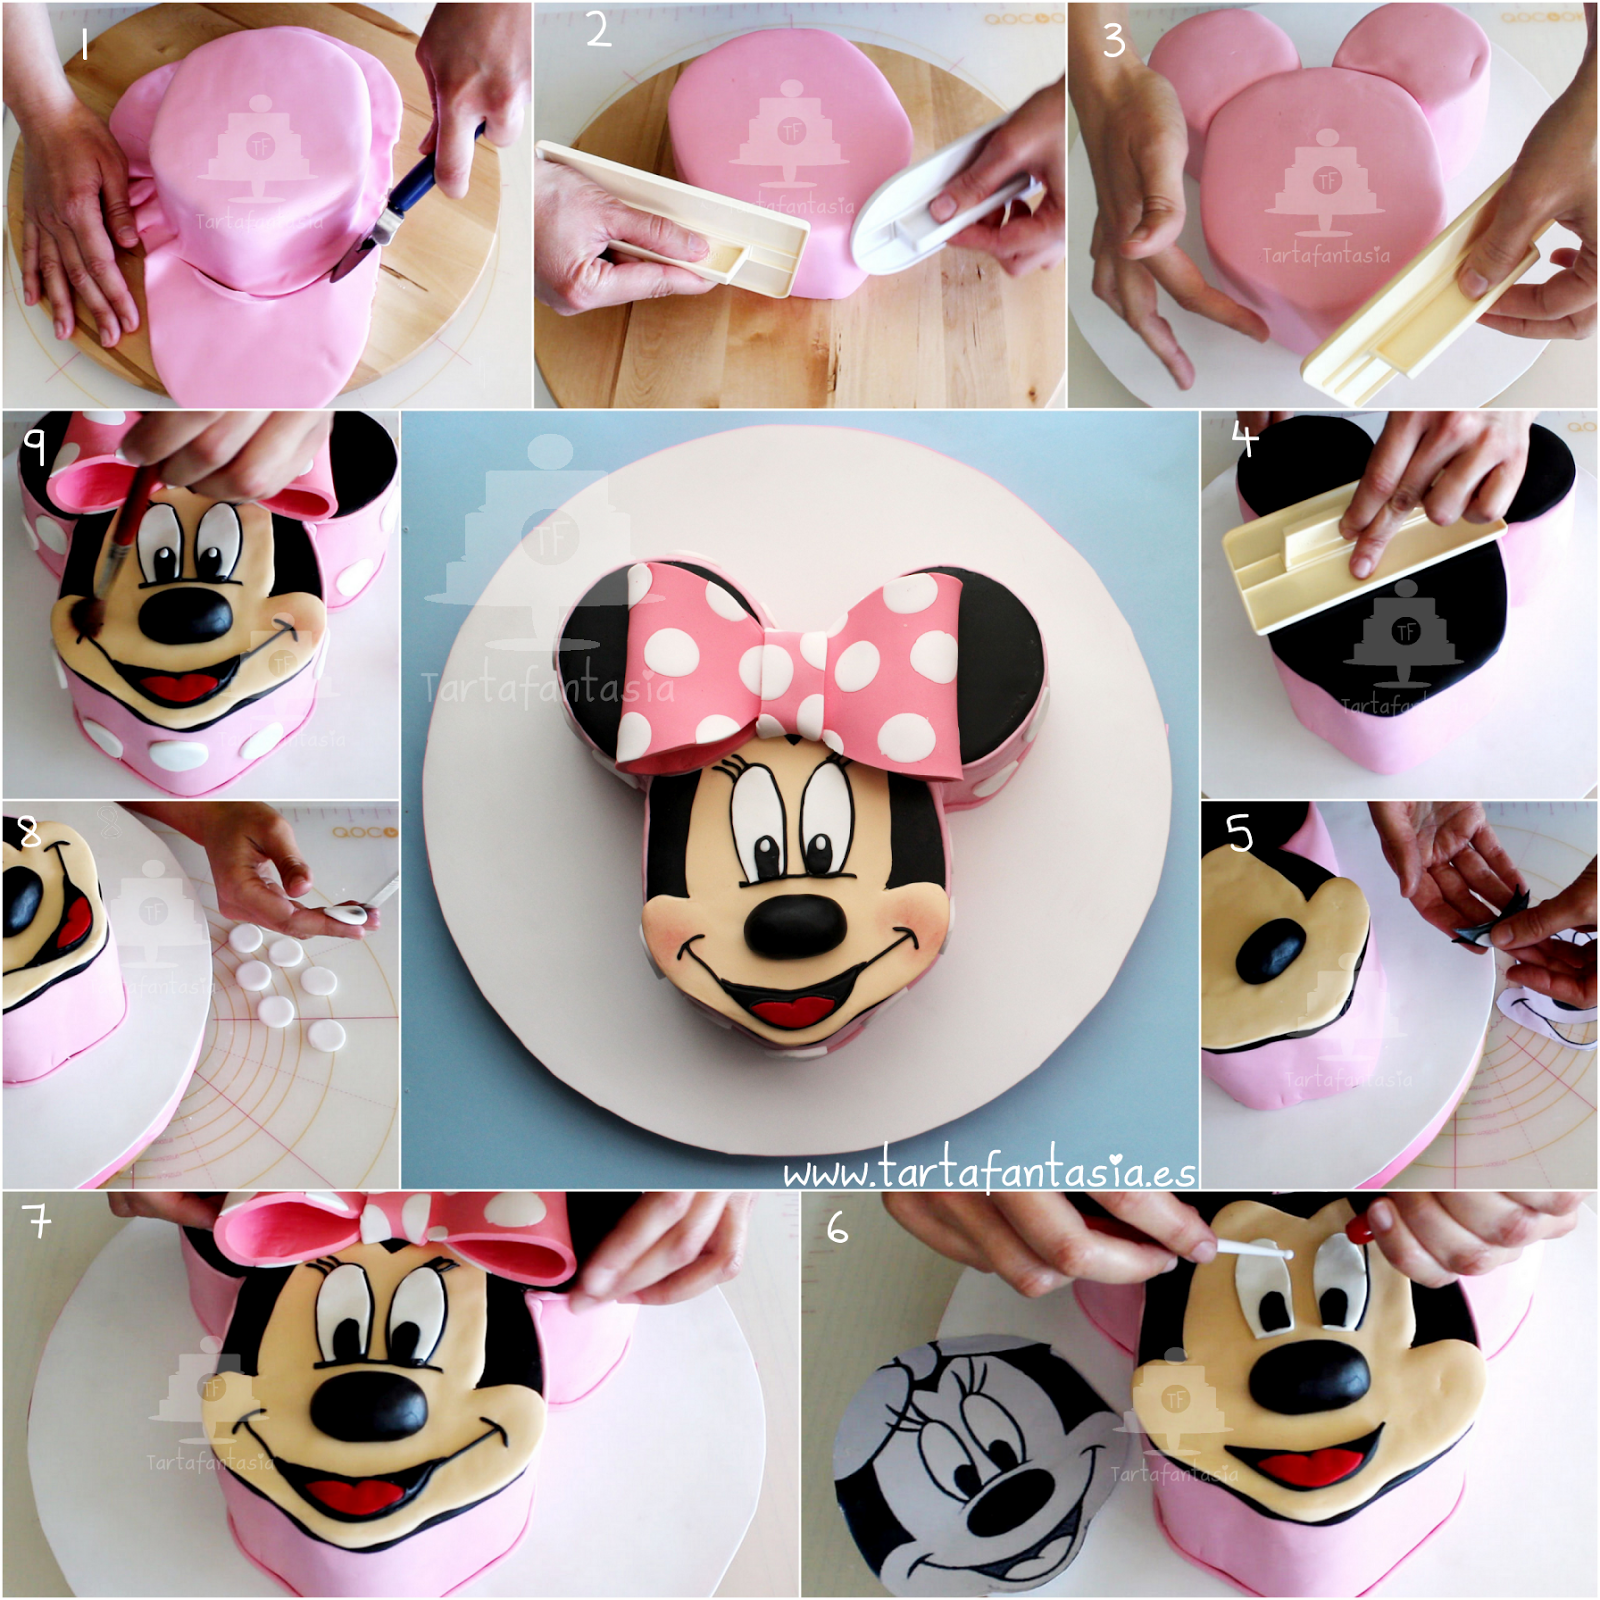 TartaFantasía: Footsteps Minnie Mouse Cake  Micky maus torte